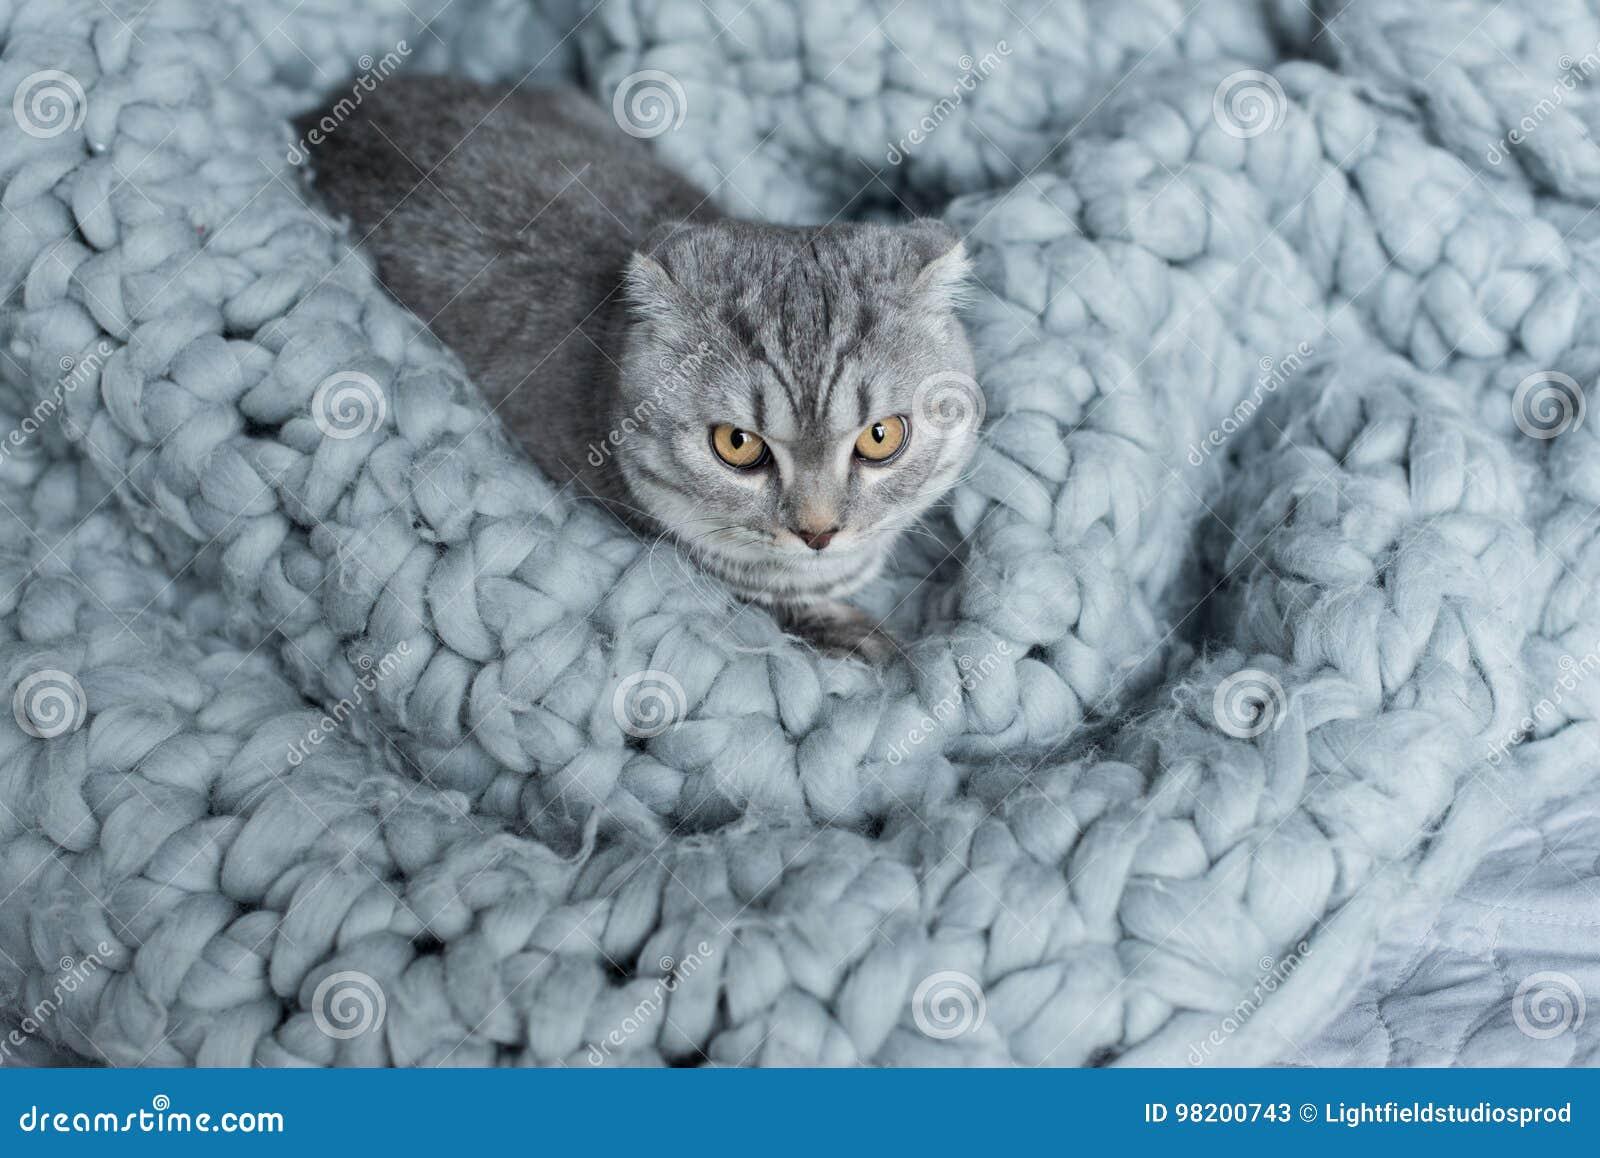 Download Меховой кот створки Scottish лежа на одеяле шерстей в спальне Стоковое Изображение - изображение насчитывающей пушисто, меховой: 98200743